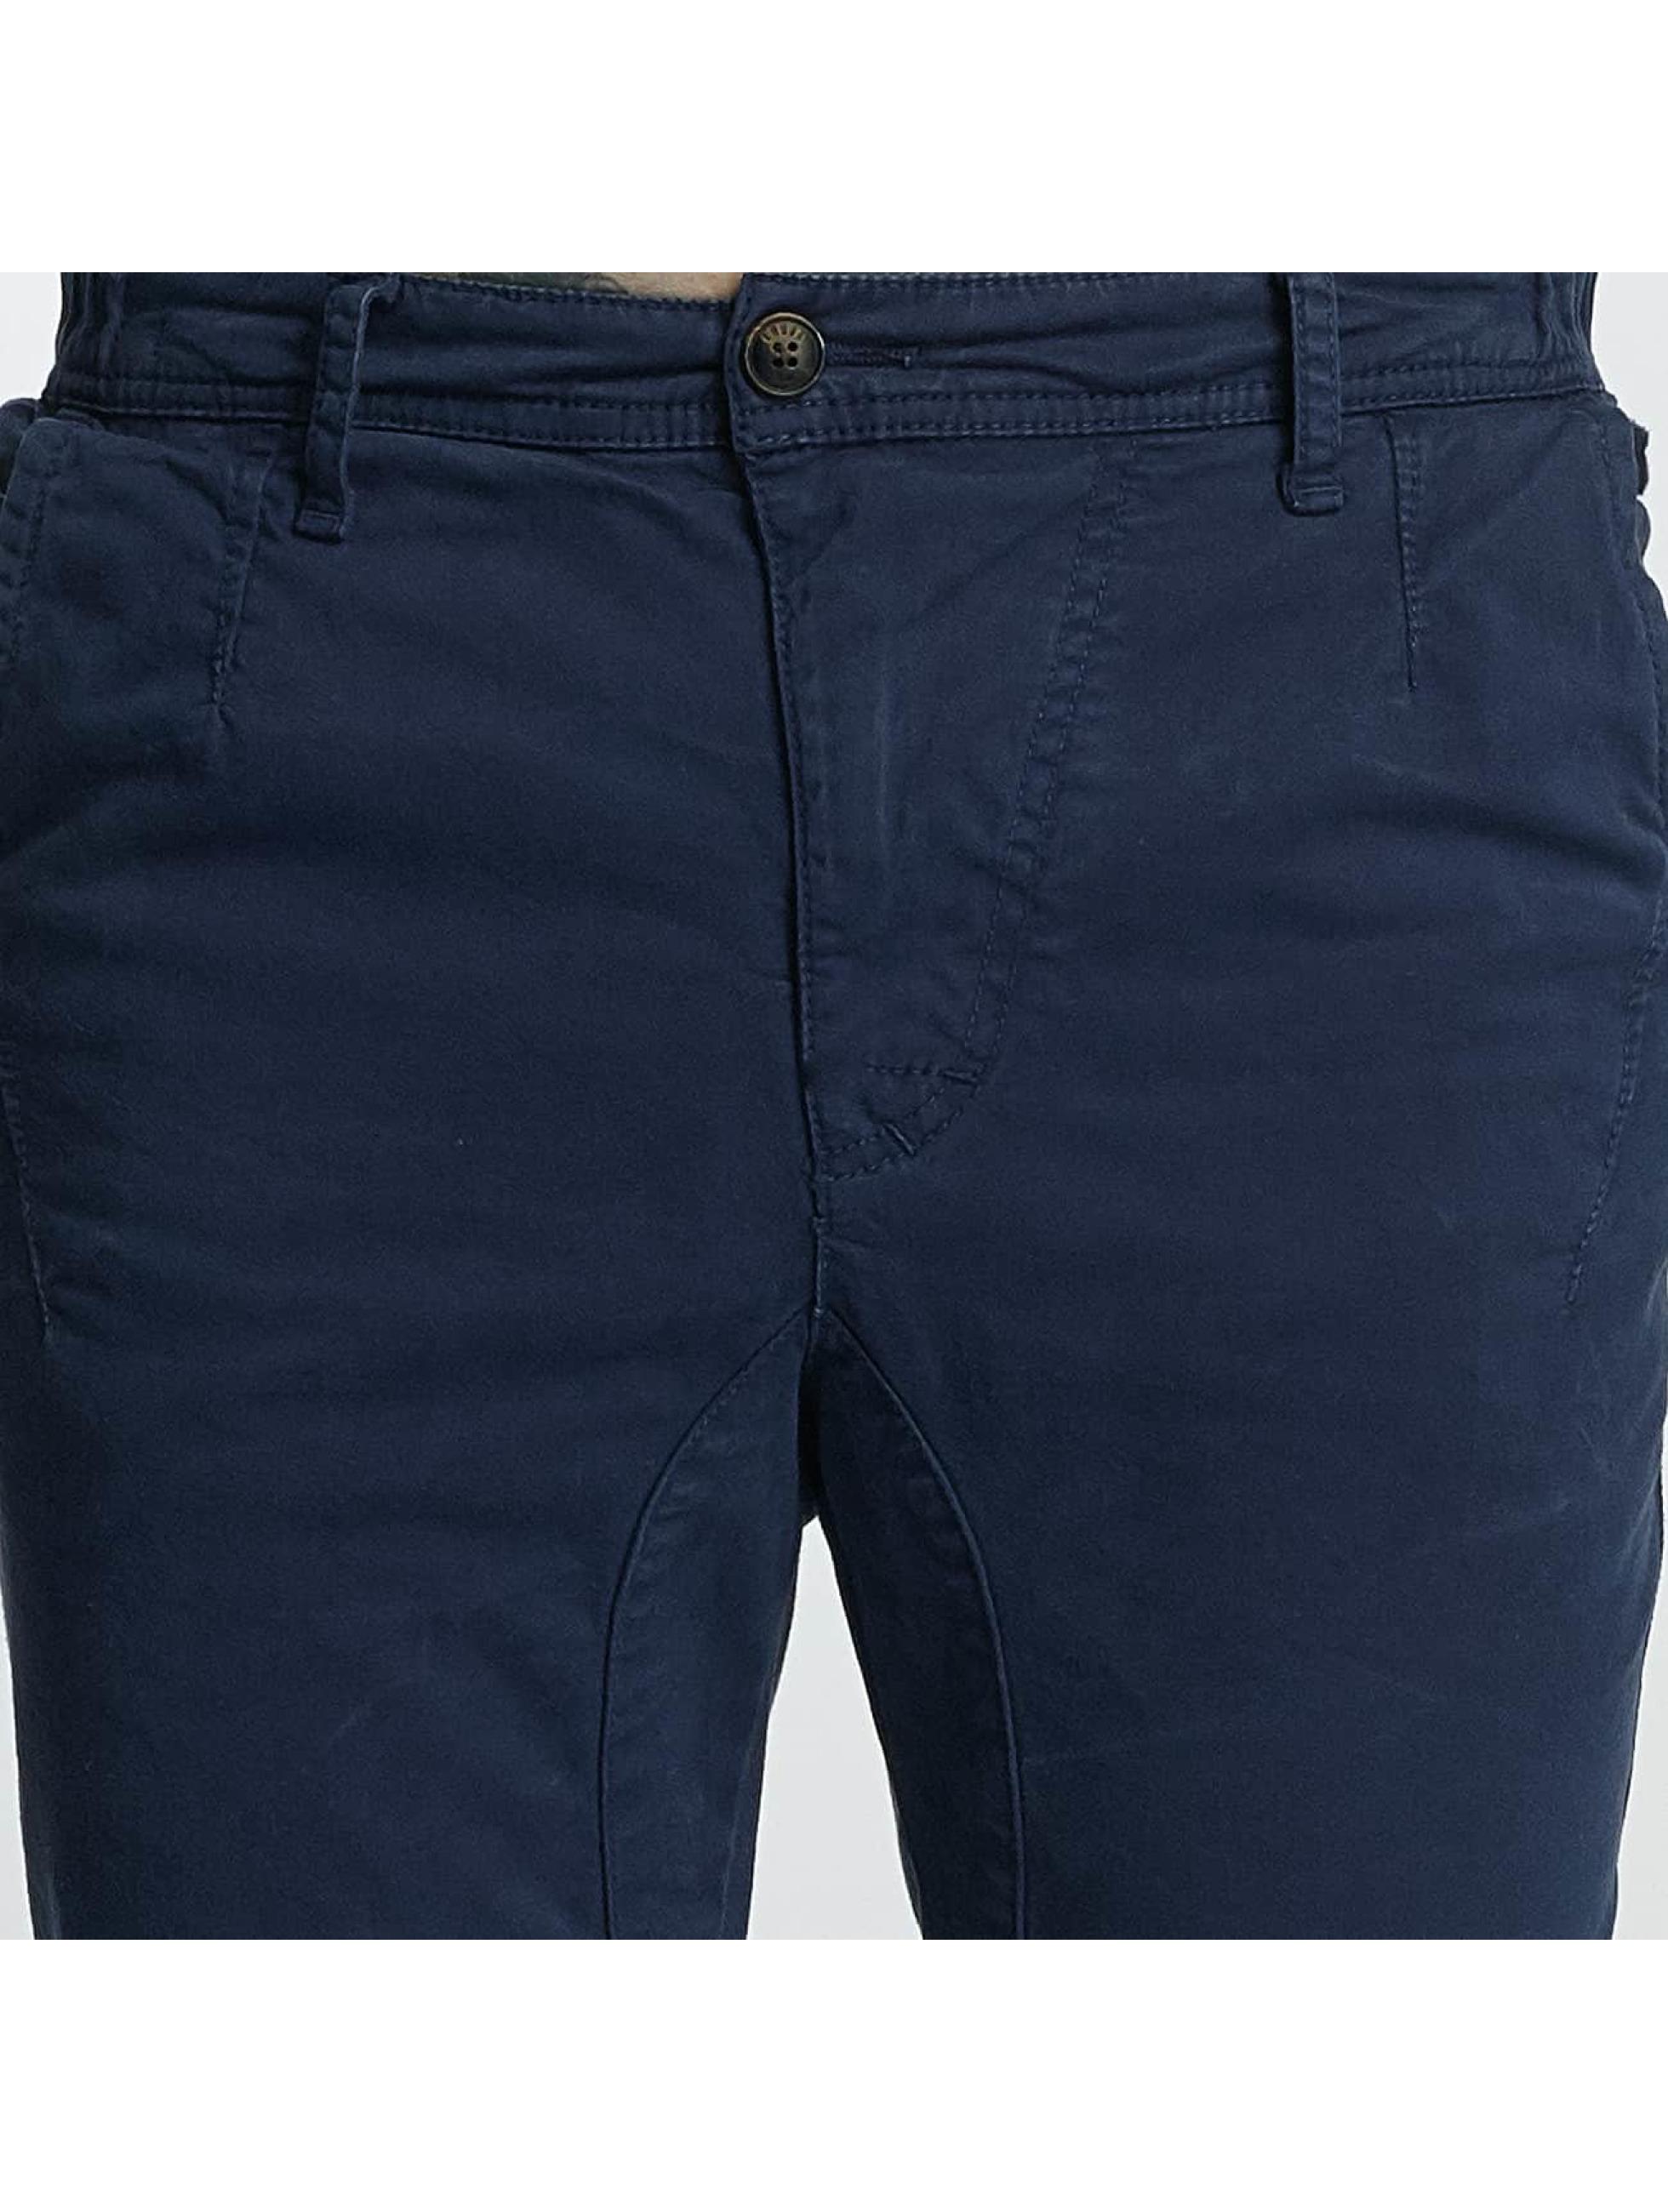 Khujo Spodnie wizytowe Bradley niebieski